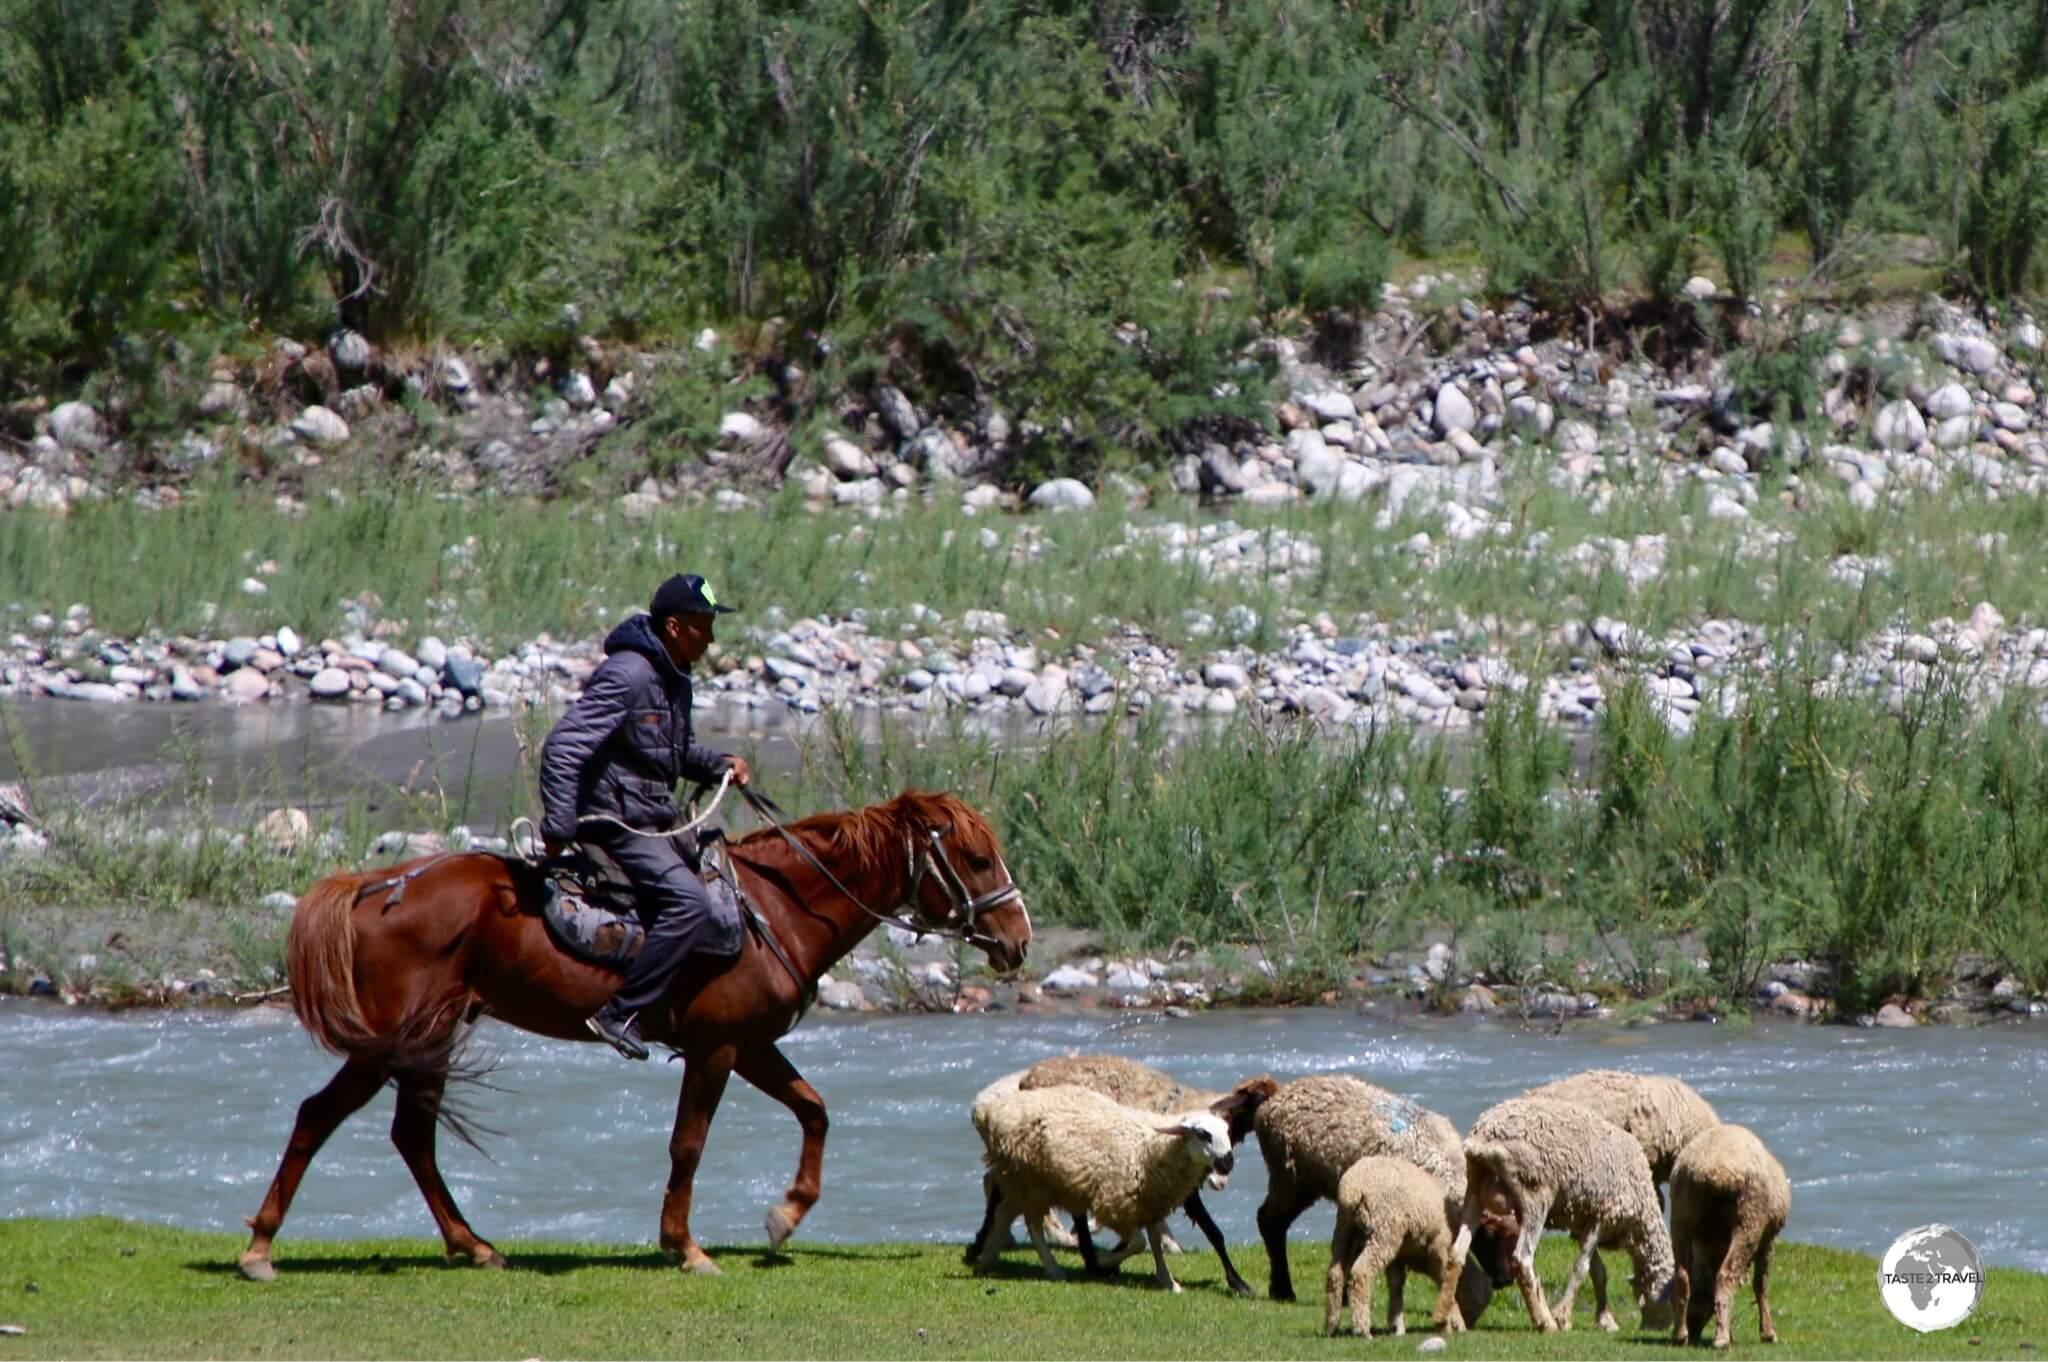 A shepherd mustering his flock in the Barskoon valley.